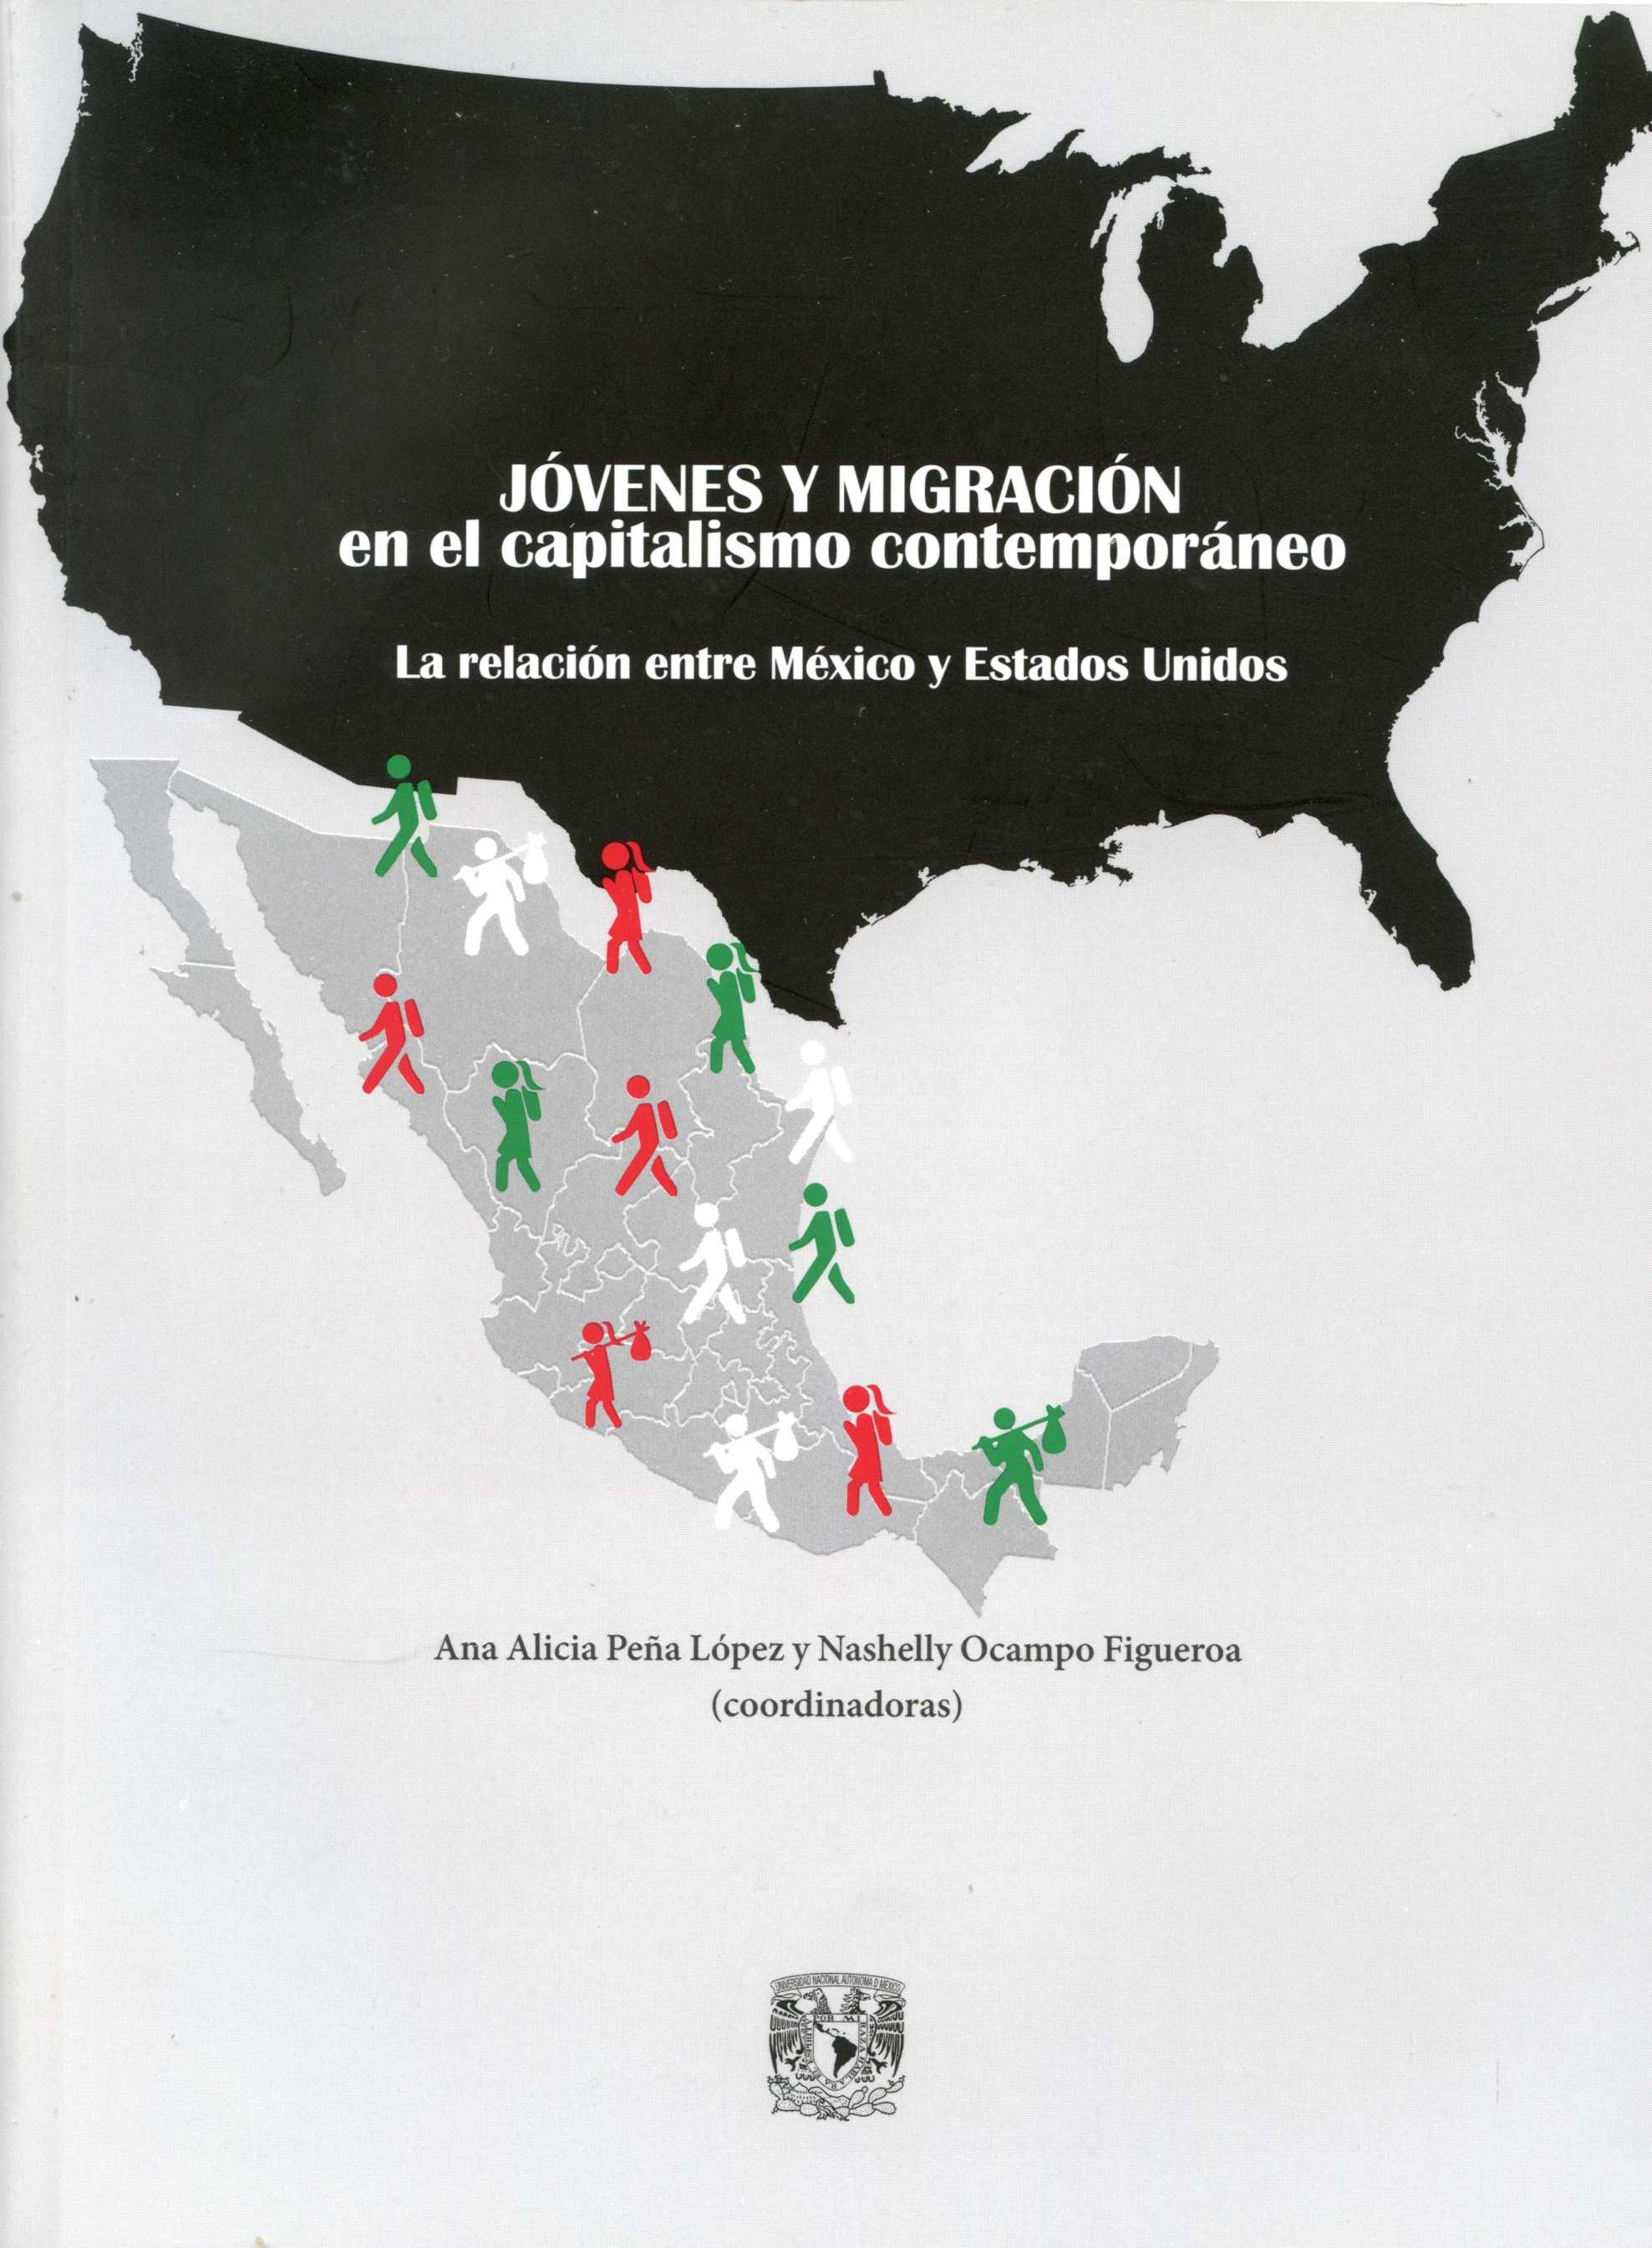 Jóvenes y migración en el capitalismo contemporáneo La relación entre México y Estados Unidos